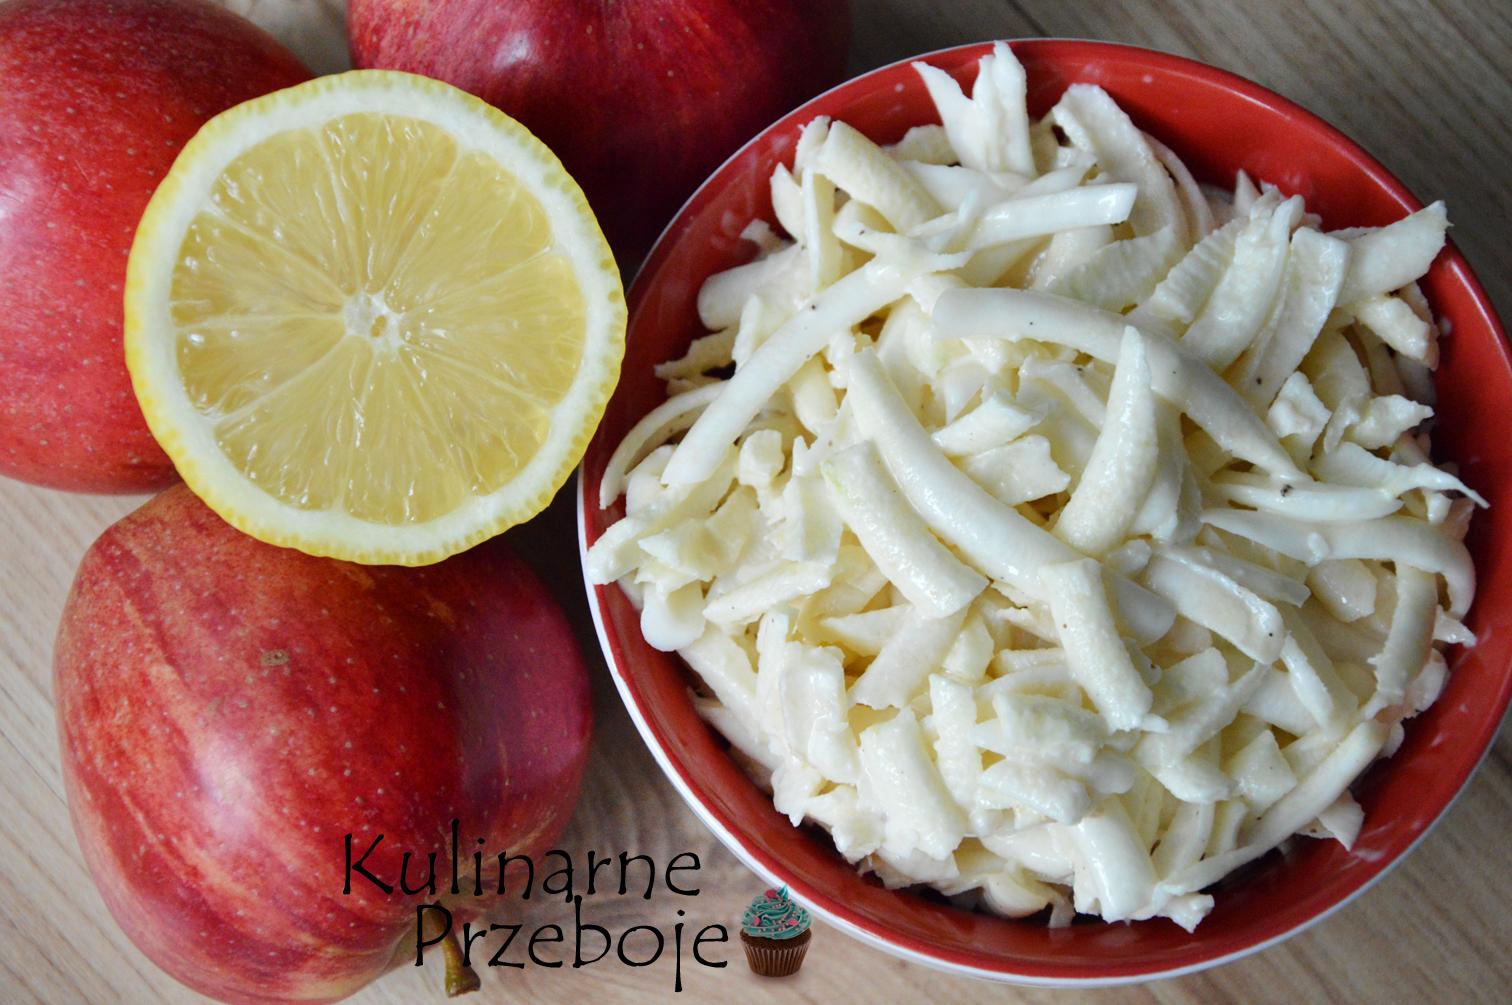 Szybka surówka z jabłkiem i selerem